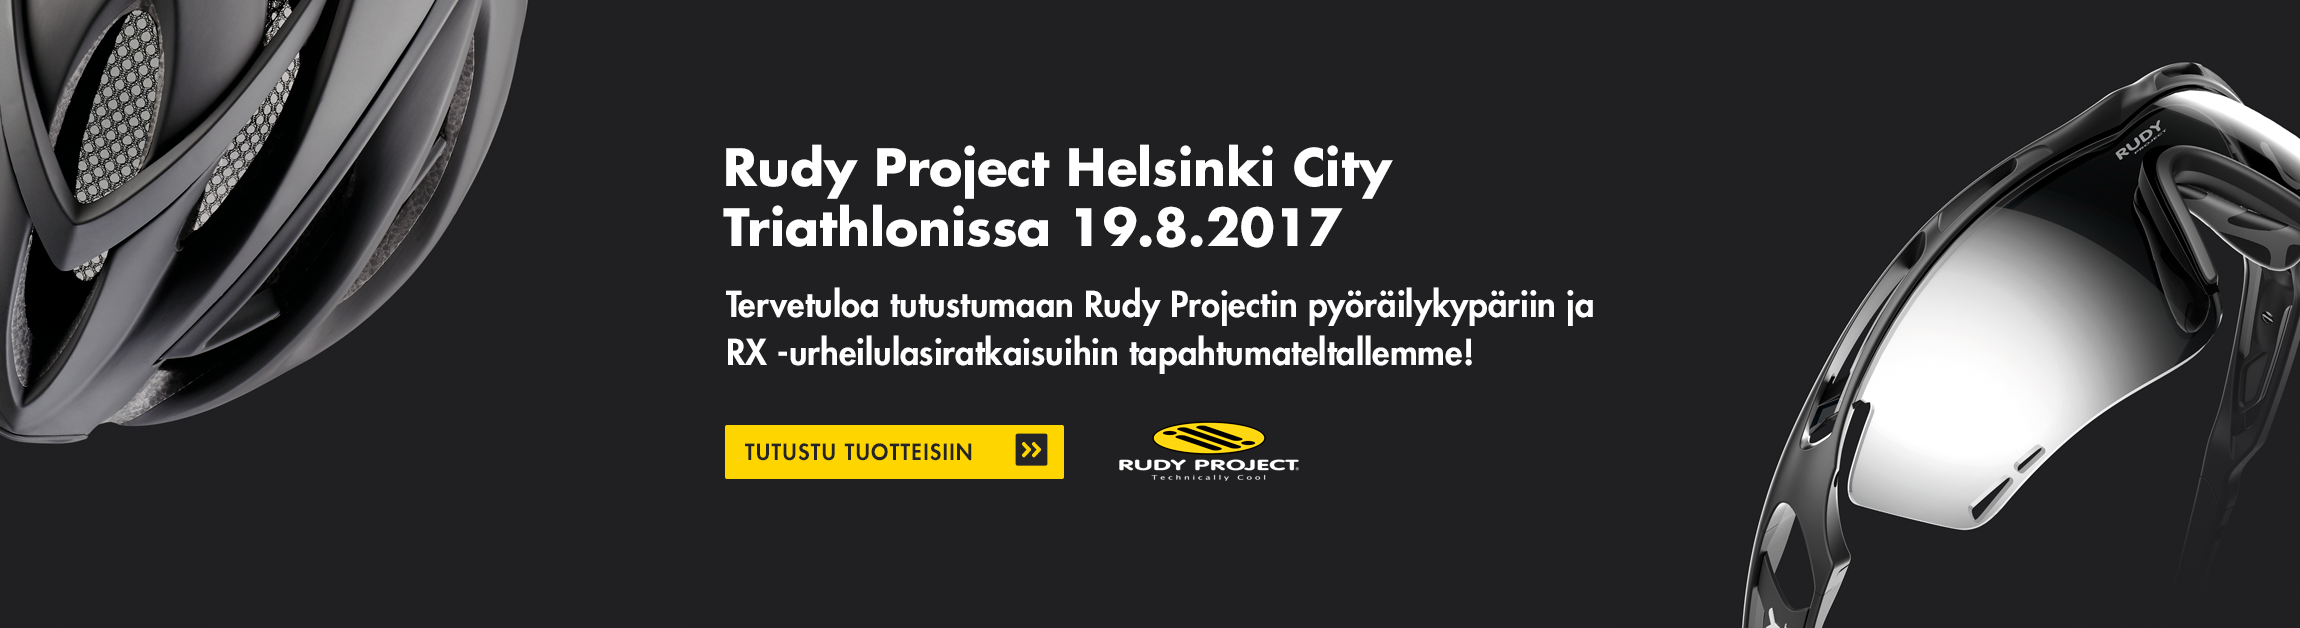 OJcom_rudyproject_HKI_tri_etusivu